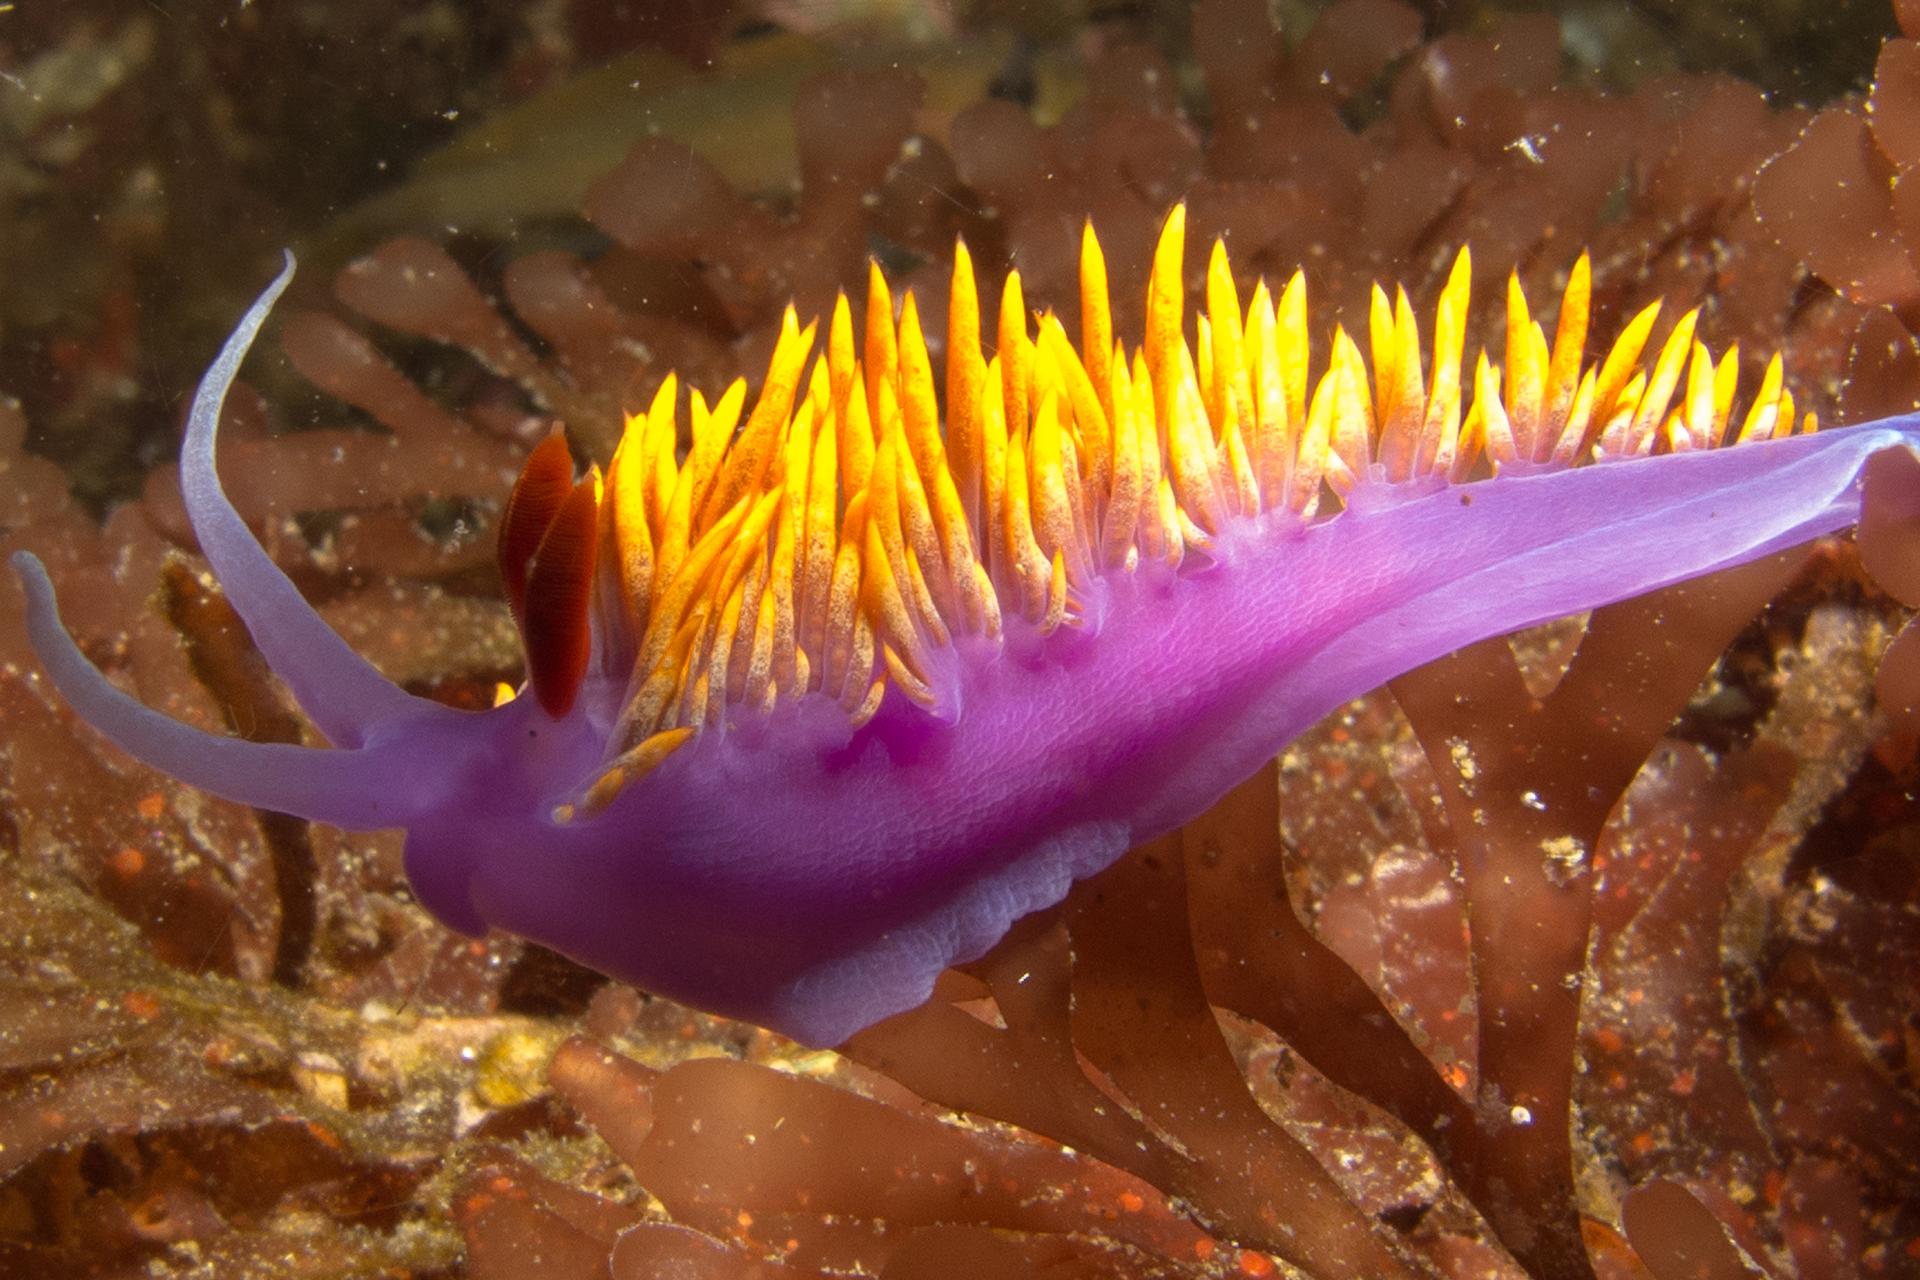 Fotografia przedstawia fioletowego ślimaka morskiego zżółtymi wyrostkami na grzbiecie. Ślimak nie ma muszli. Płynie pomiędzy brunatnymi wodorostami.